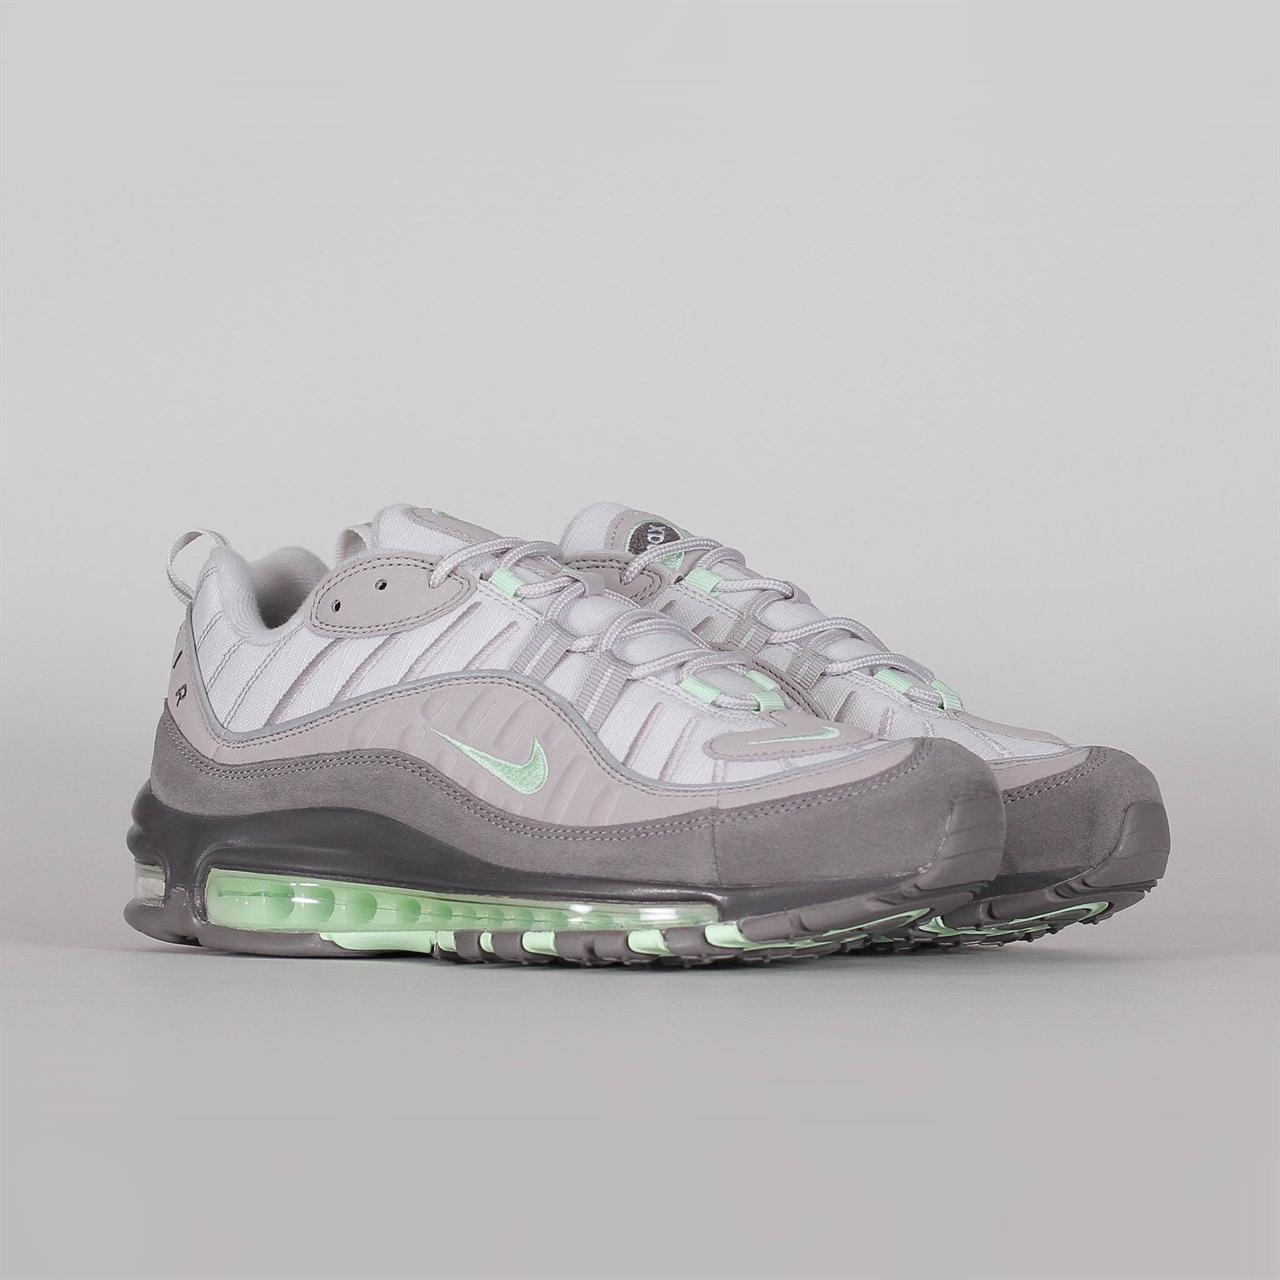 online retailer efae9 4831a Air Max 98 (640744-011). 195 195EUR   a pair. Colorway  Vast Grey Fresh Mint  Atmosphere Grey